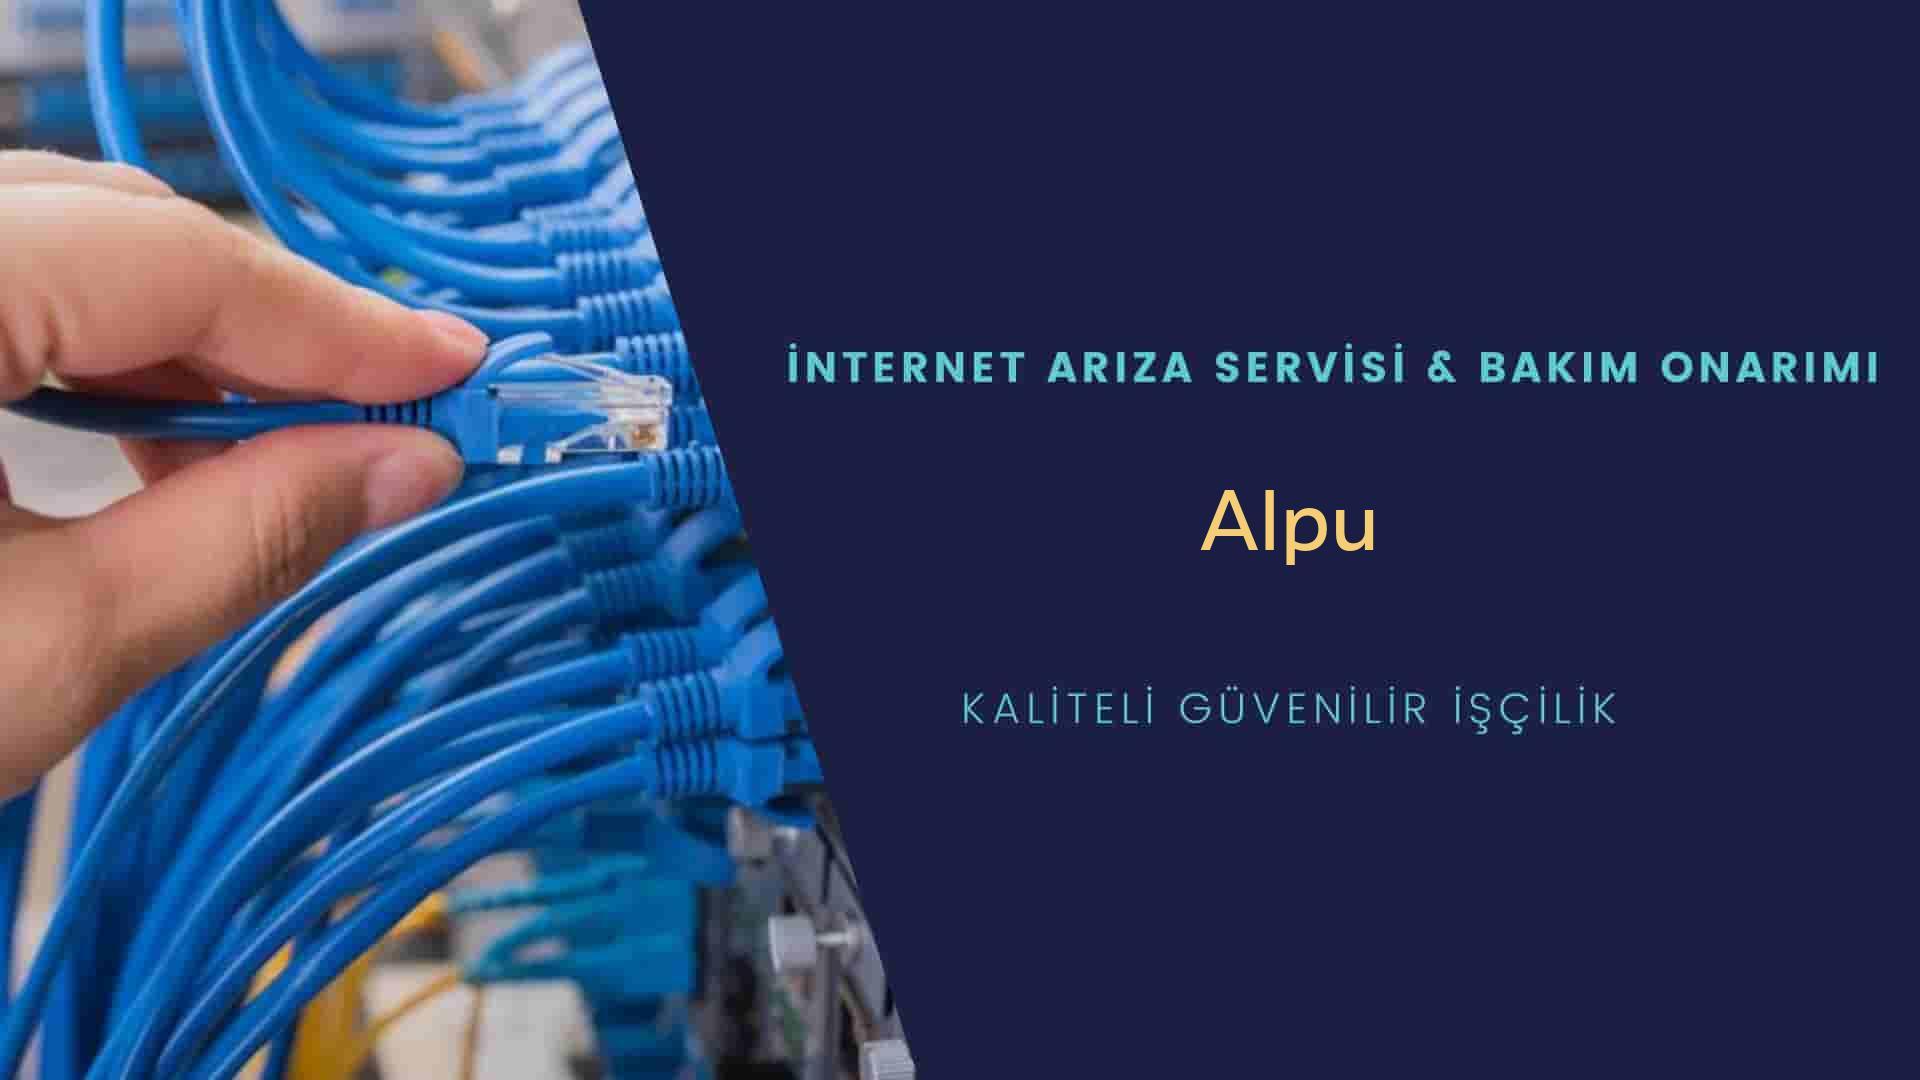 Alpu internet kablosu çekimi yapan yerler veya elektrikçiler mi? arıyorsunuz doğru yerdesiniz o zaman sizlere 7/24 yardımcı olacak profesyonel ustalarımız bir telefon kadar yakındır size.